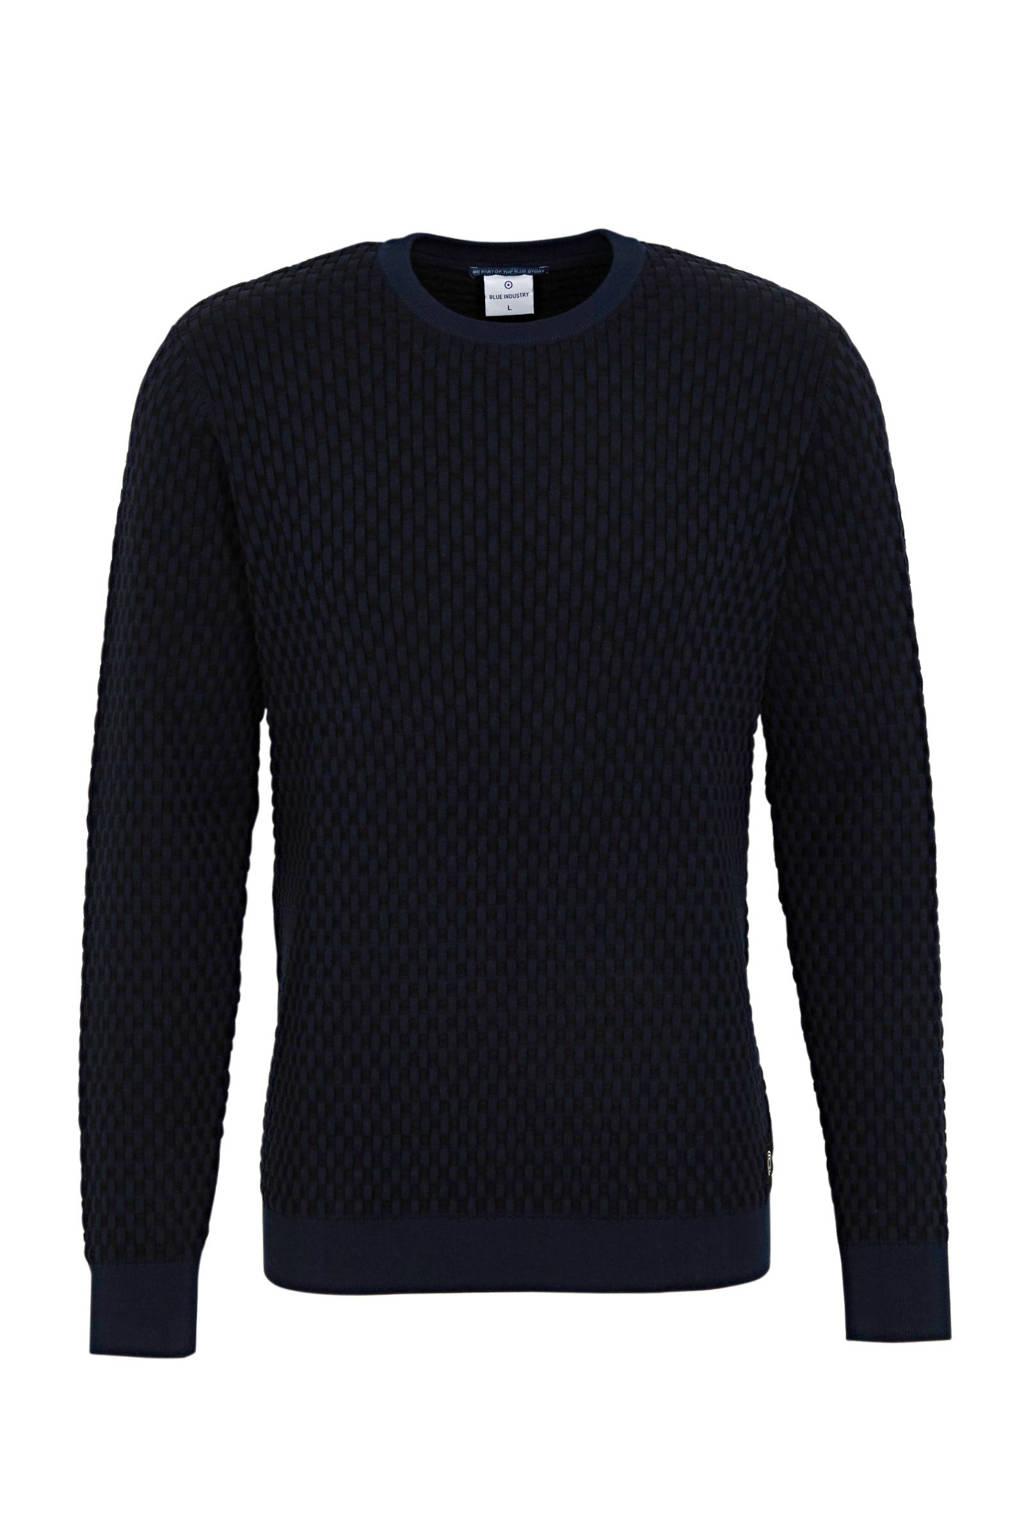 Blue Industry trui met textuur donkerblauw, Donkerblauw